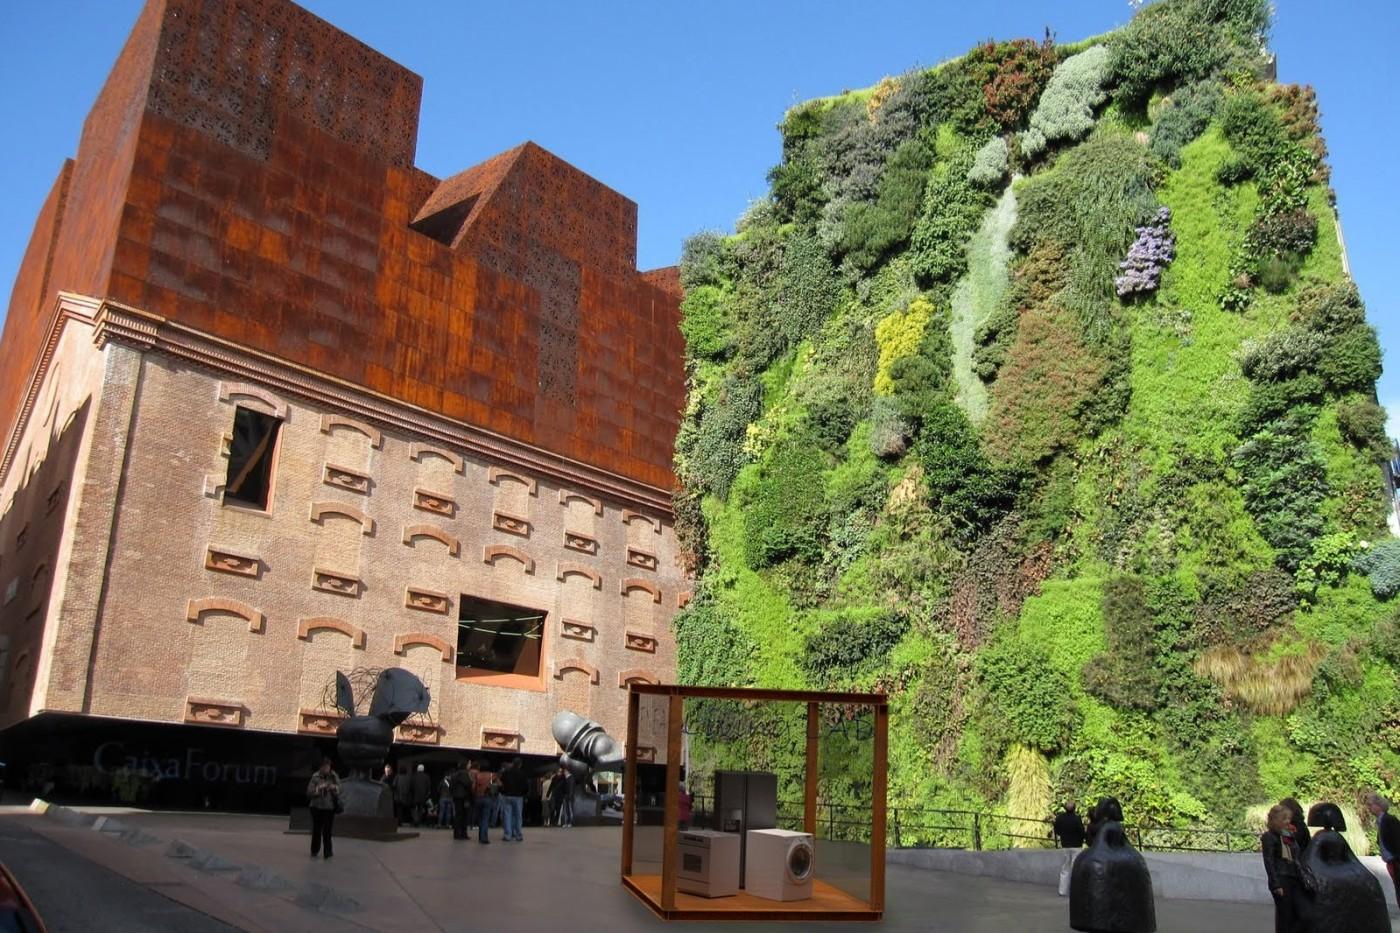 Caixa Forum de Madrid